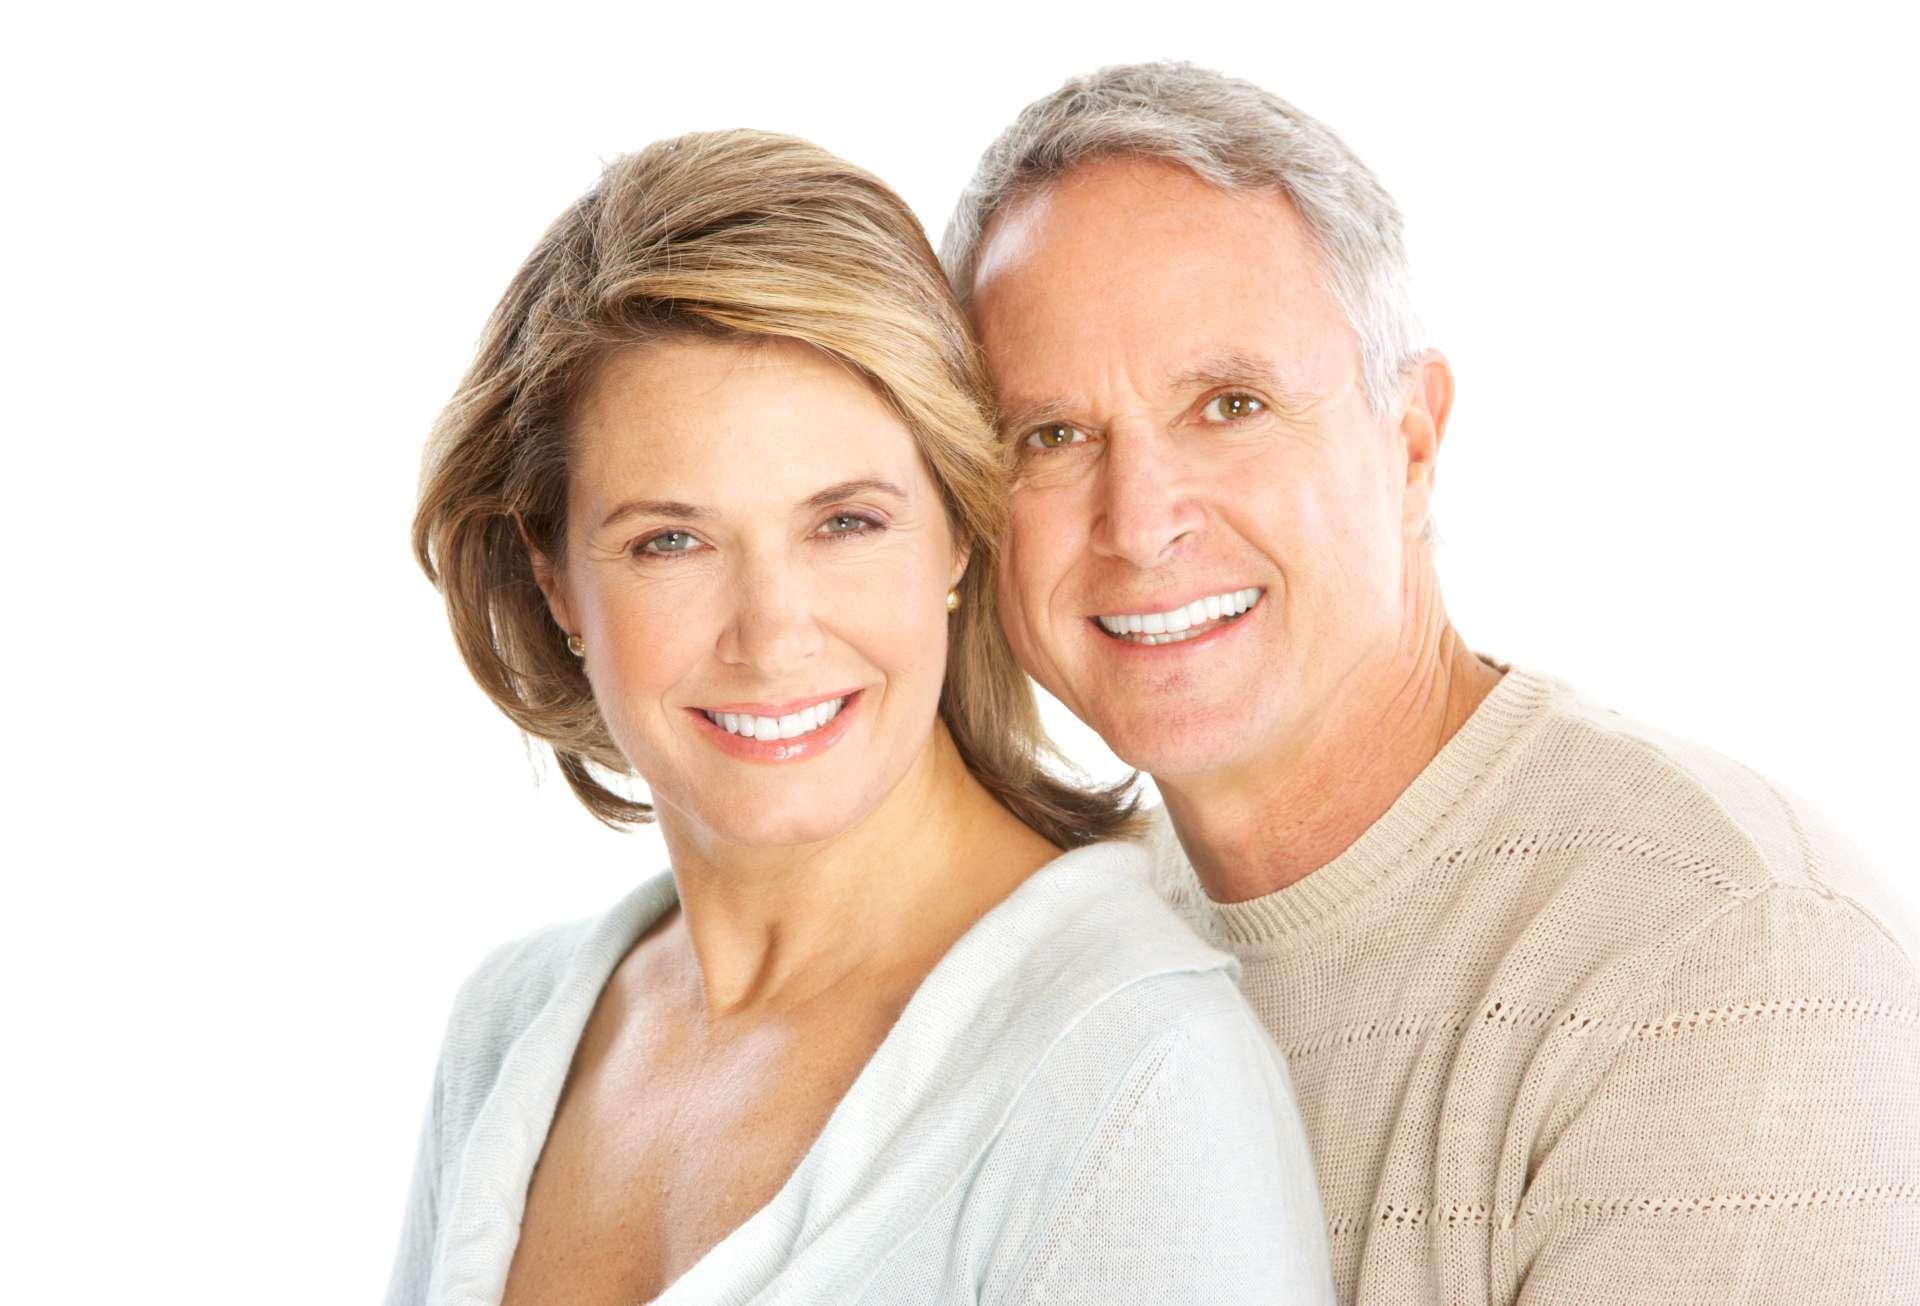 Εμφυτεύματα δοντιών - Περισσότερα δόντια